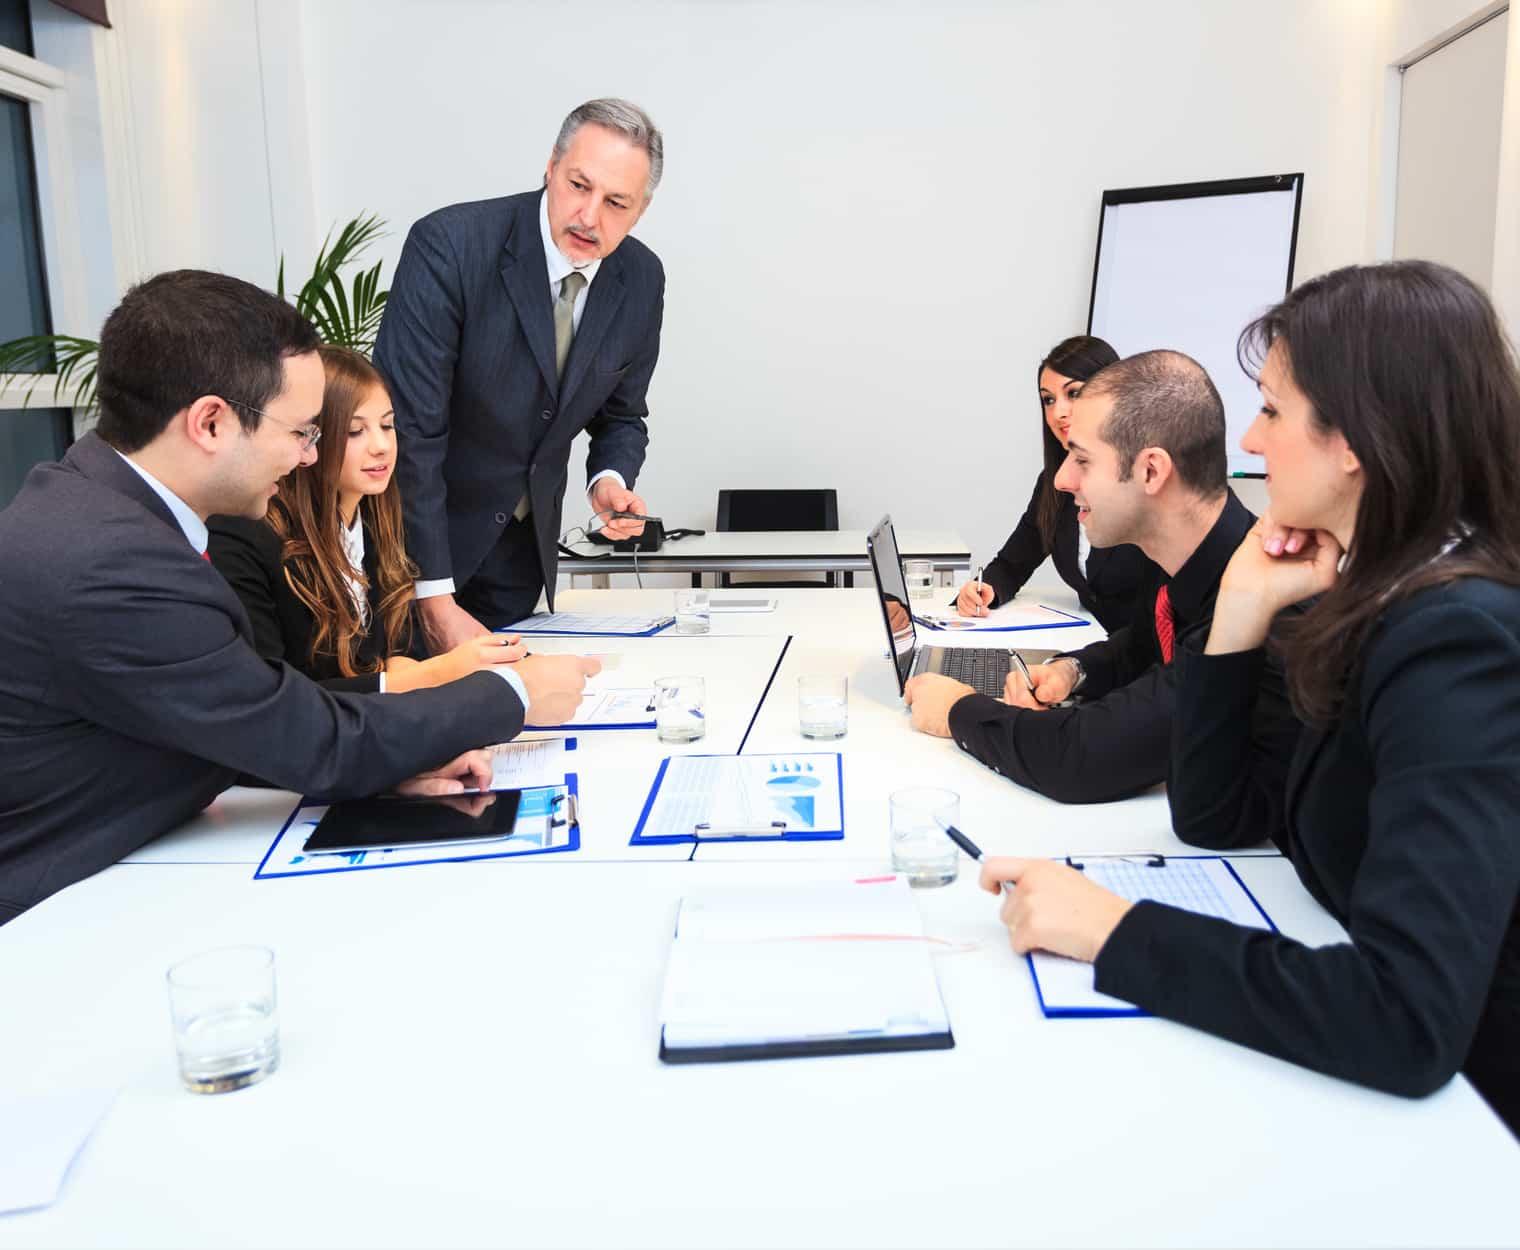 Favorisez le travail en équipe